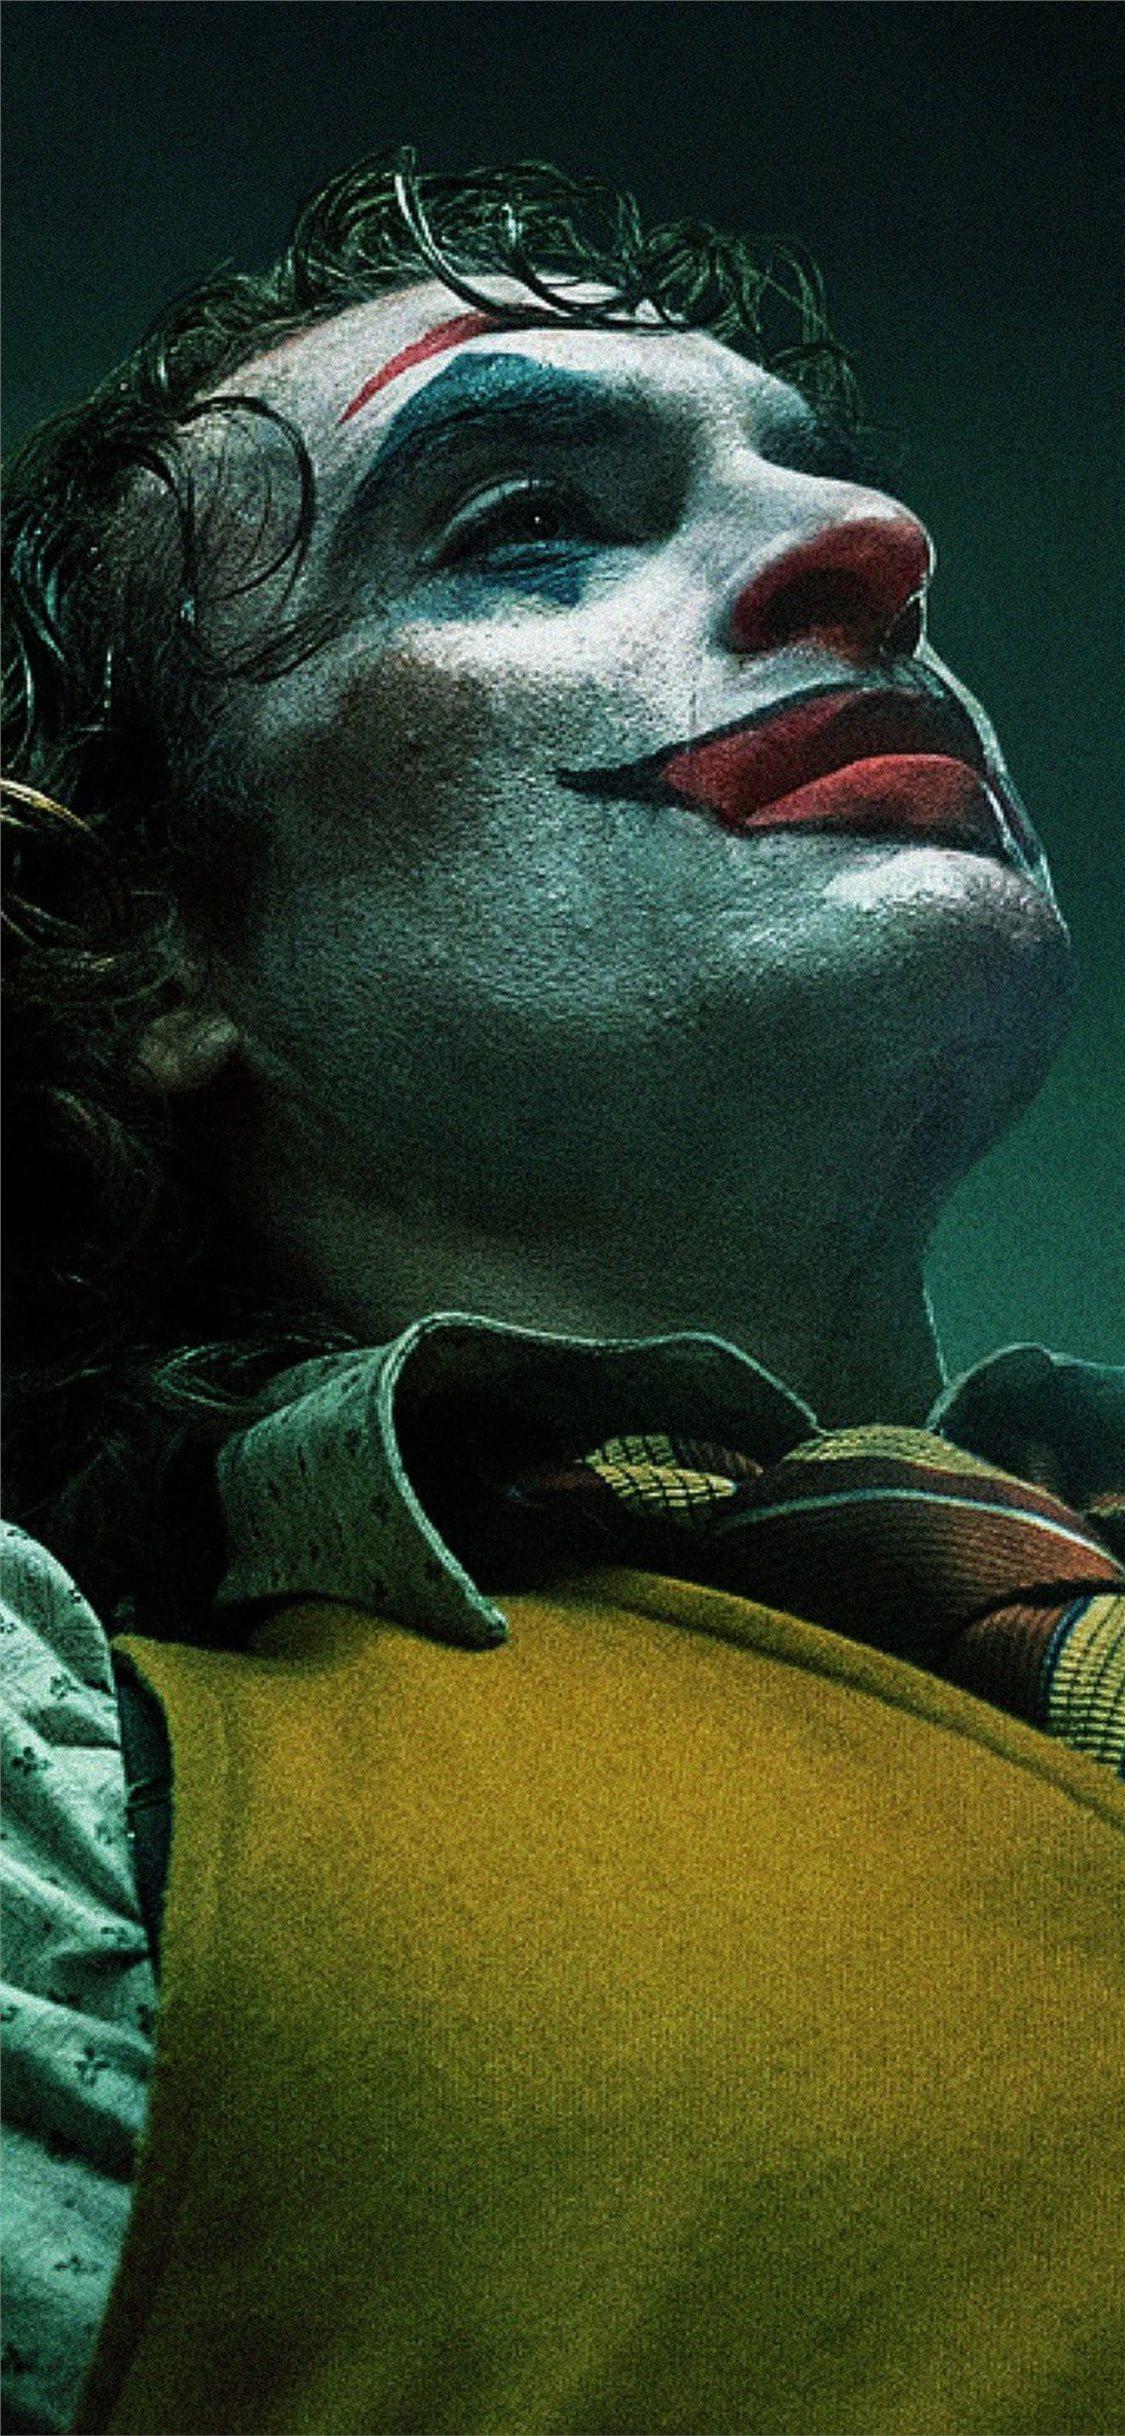 2019 Joker Joaquin Phoenix Iphone X Wallpapers Free Download